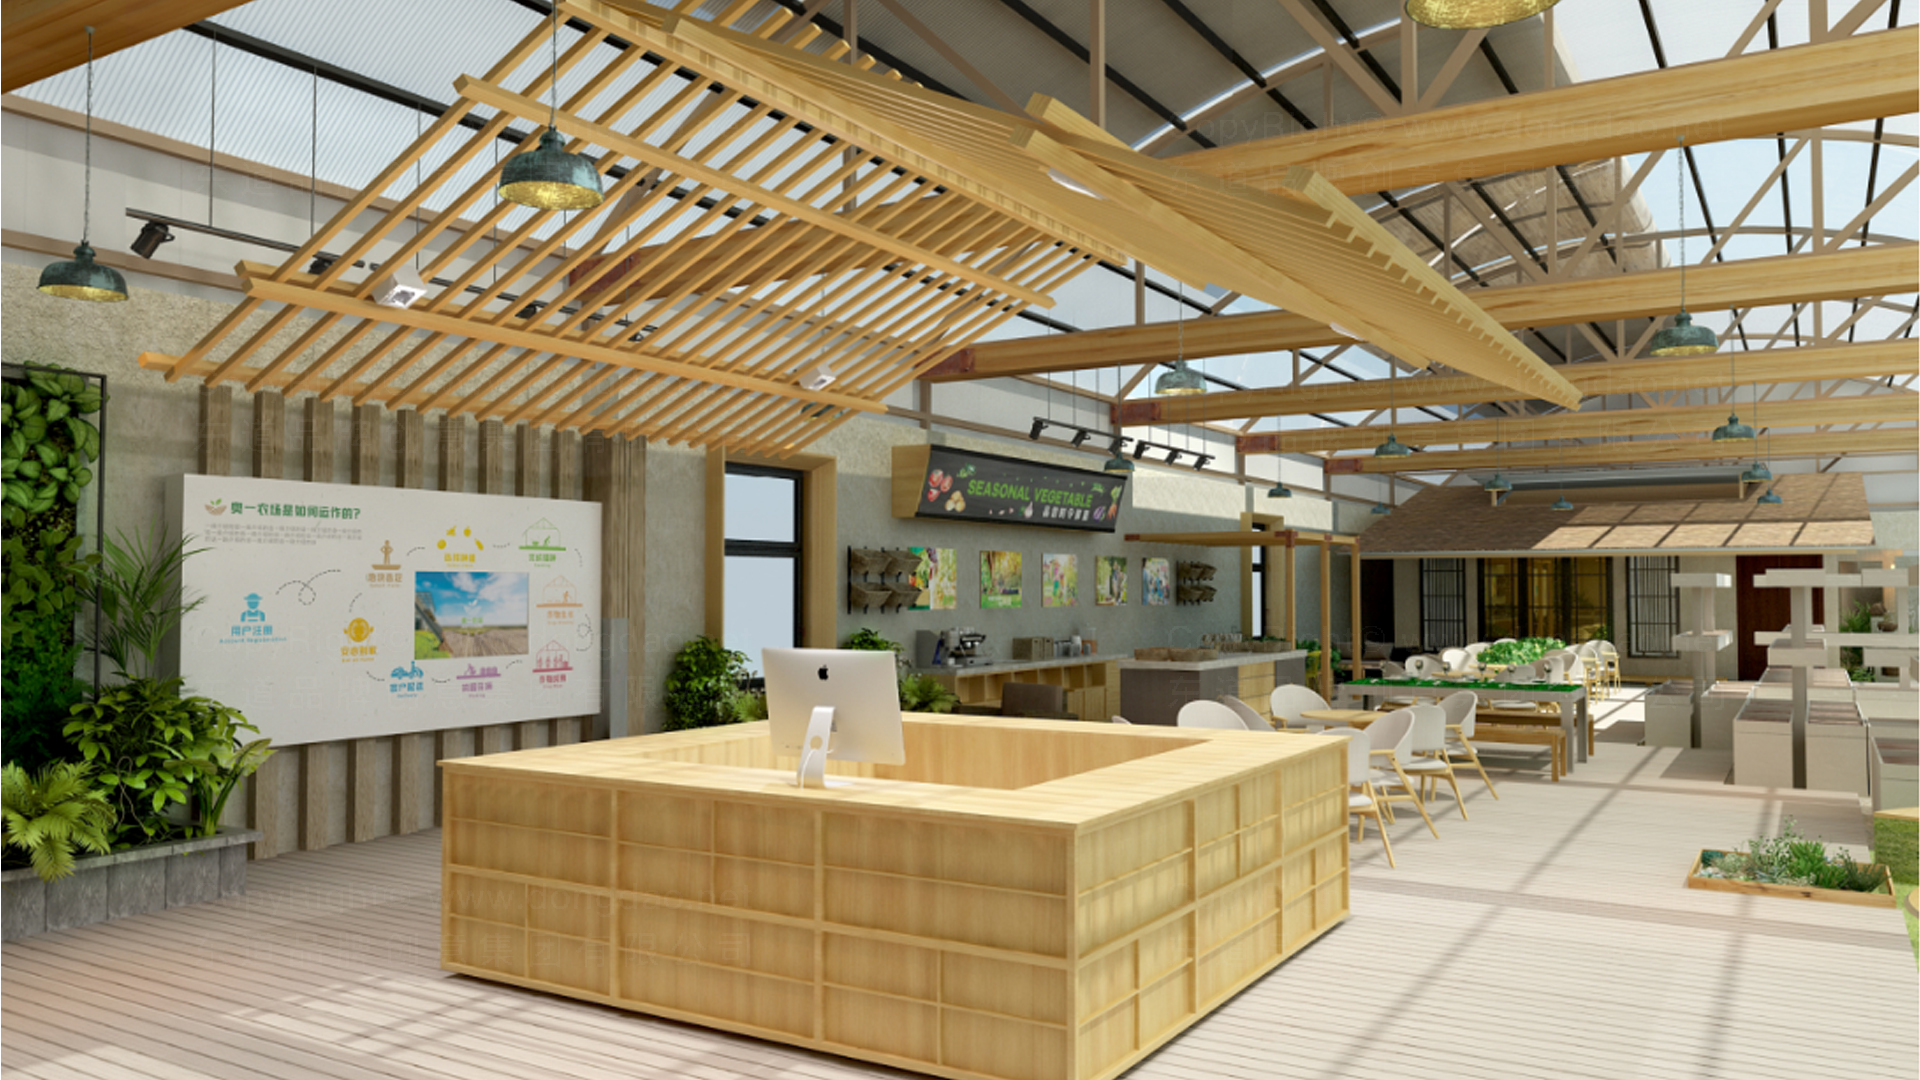 商业空间&导示奥一农场农场SI设计应用场景_3